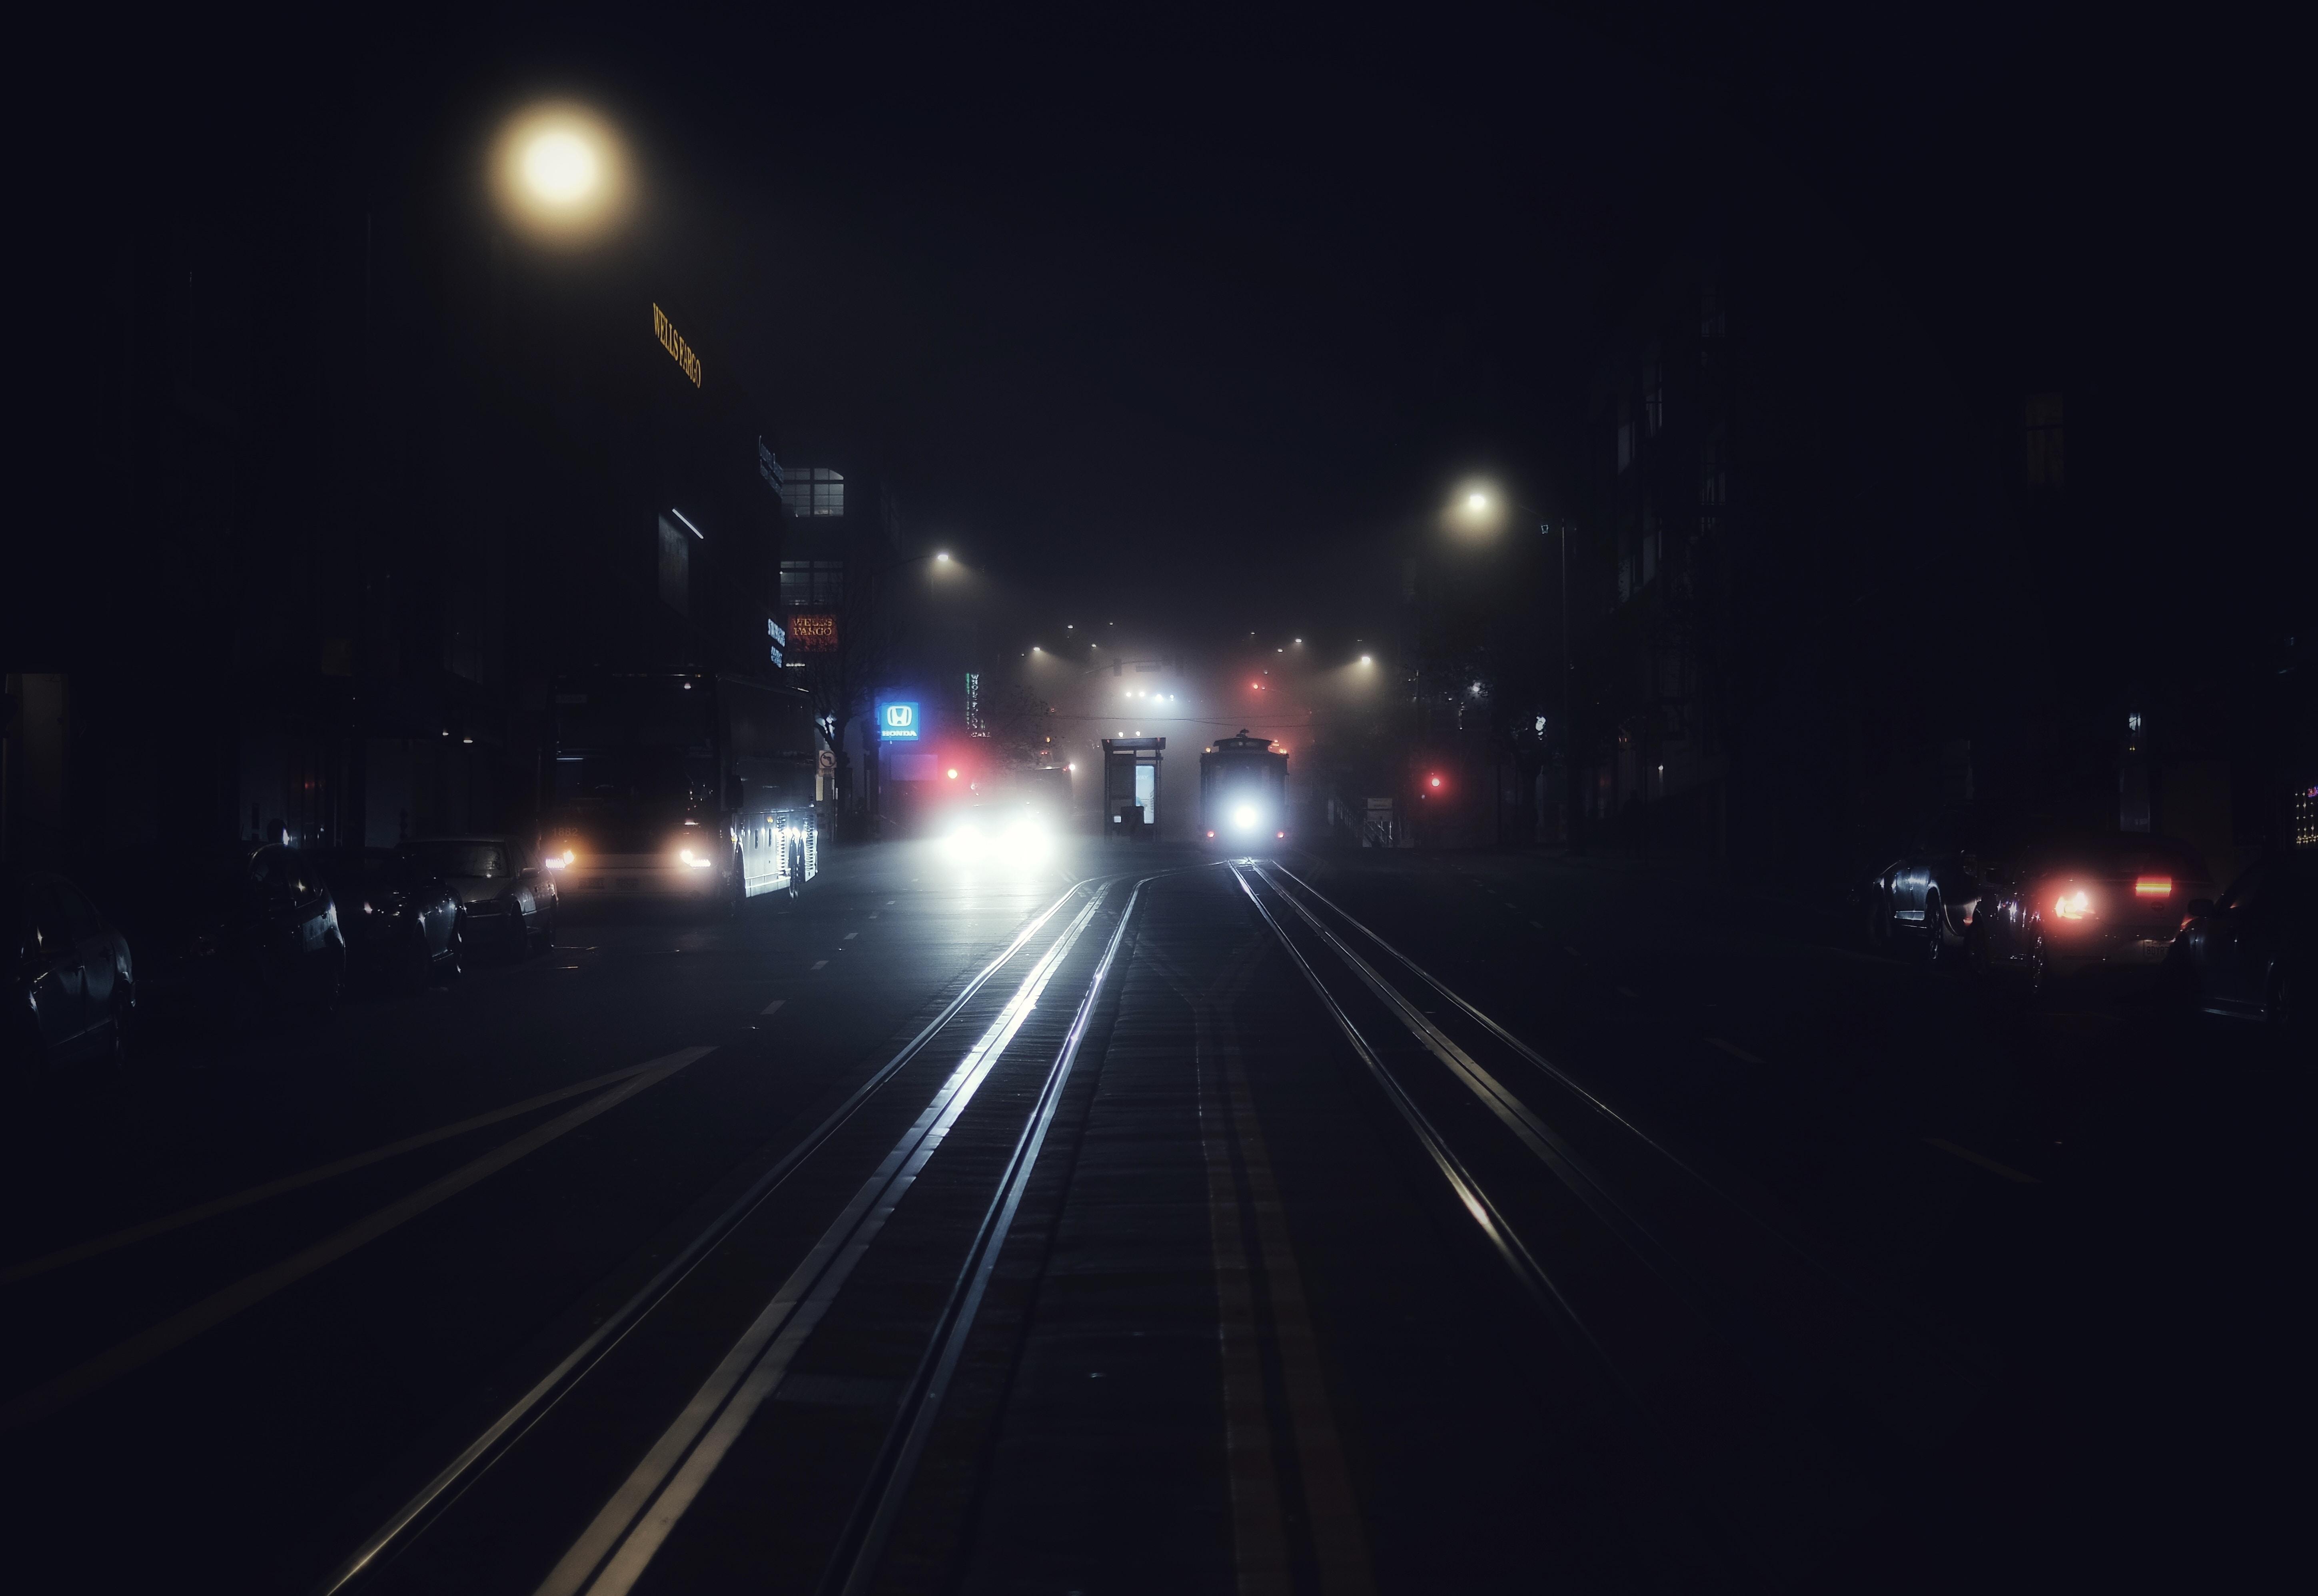 black and white LED light